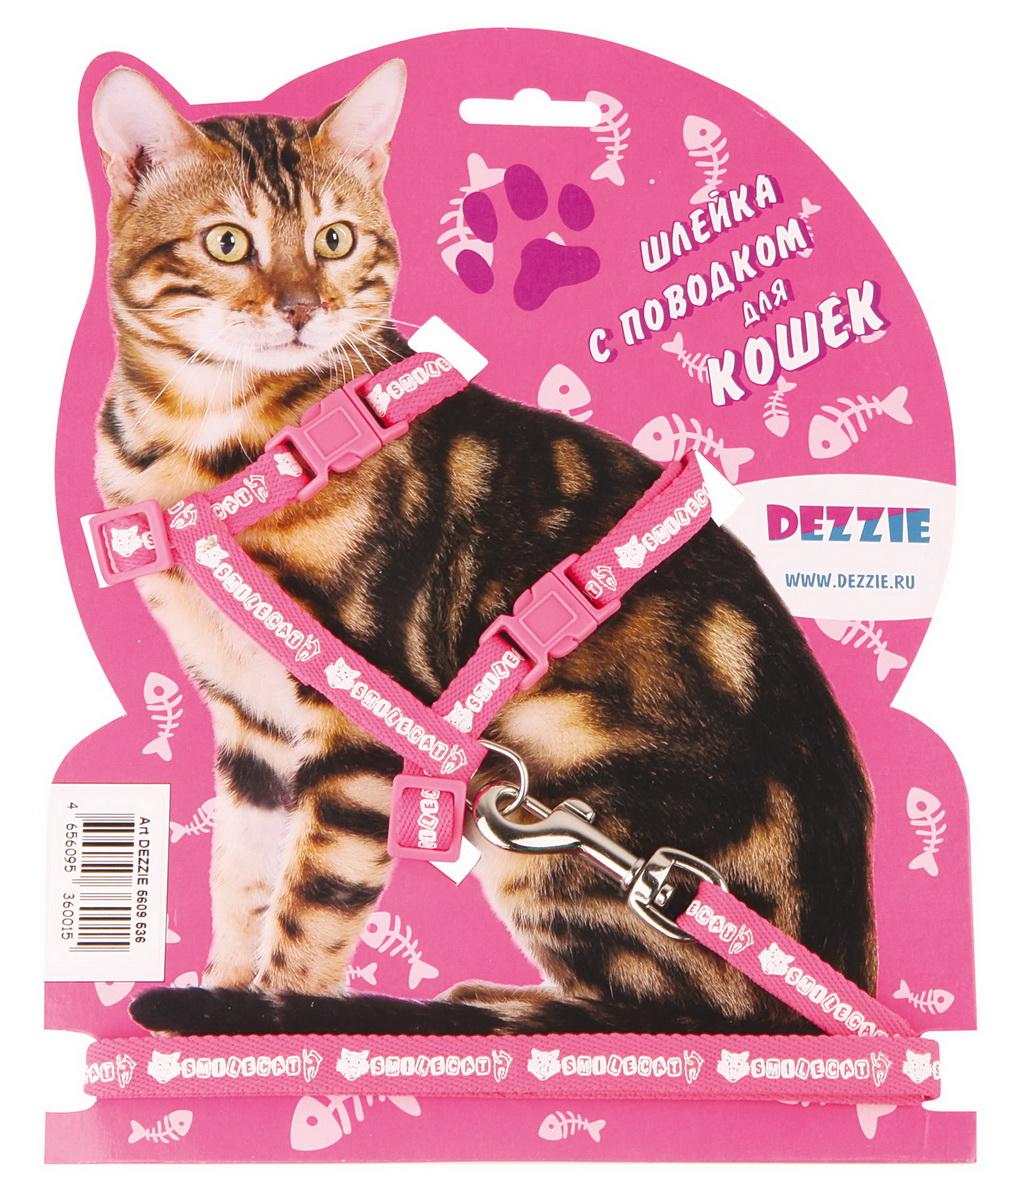 Шлейка для кошек Dezzie, с поводком, ширина 1 см, обхват груди 22-42 см, цвет: розовый, белый. 56095365624097Шлейка Dezzie, изготовленная из прочного нейлона, подходит для кошек крупных размеров. Крепкие пластиковые элементы делают ее надежной и долговечной. Обхват шлейки регулируется при помощи пряжек. В комплект входит поводок из нейлона, который крепится к шлейке с помощью металлического карабина. Шлейка и поводок оформлены изображением. Шлейка - это альтернатива ошейнику. Правильно подобранная шлейка не стесняет движения питомца, не натирает кожу, поэтому животное чувствует себя в ней уверенно и комфортно.Обхват груди: 22-42 см.Ширина шлейки/поводка: 1 см.Длина поводка: 120 см.Длина ошейника: 22-42 см.